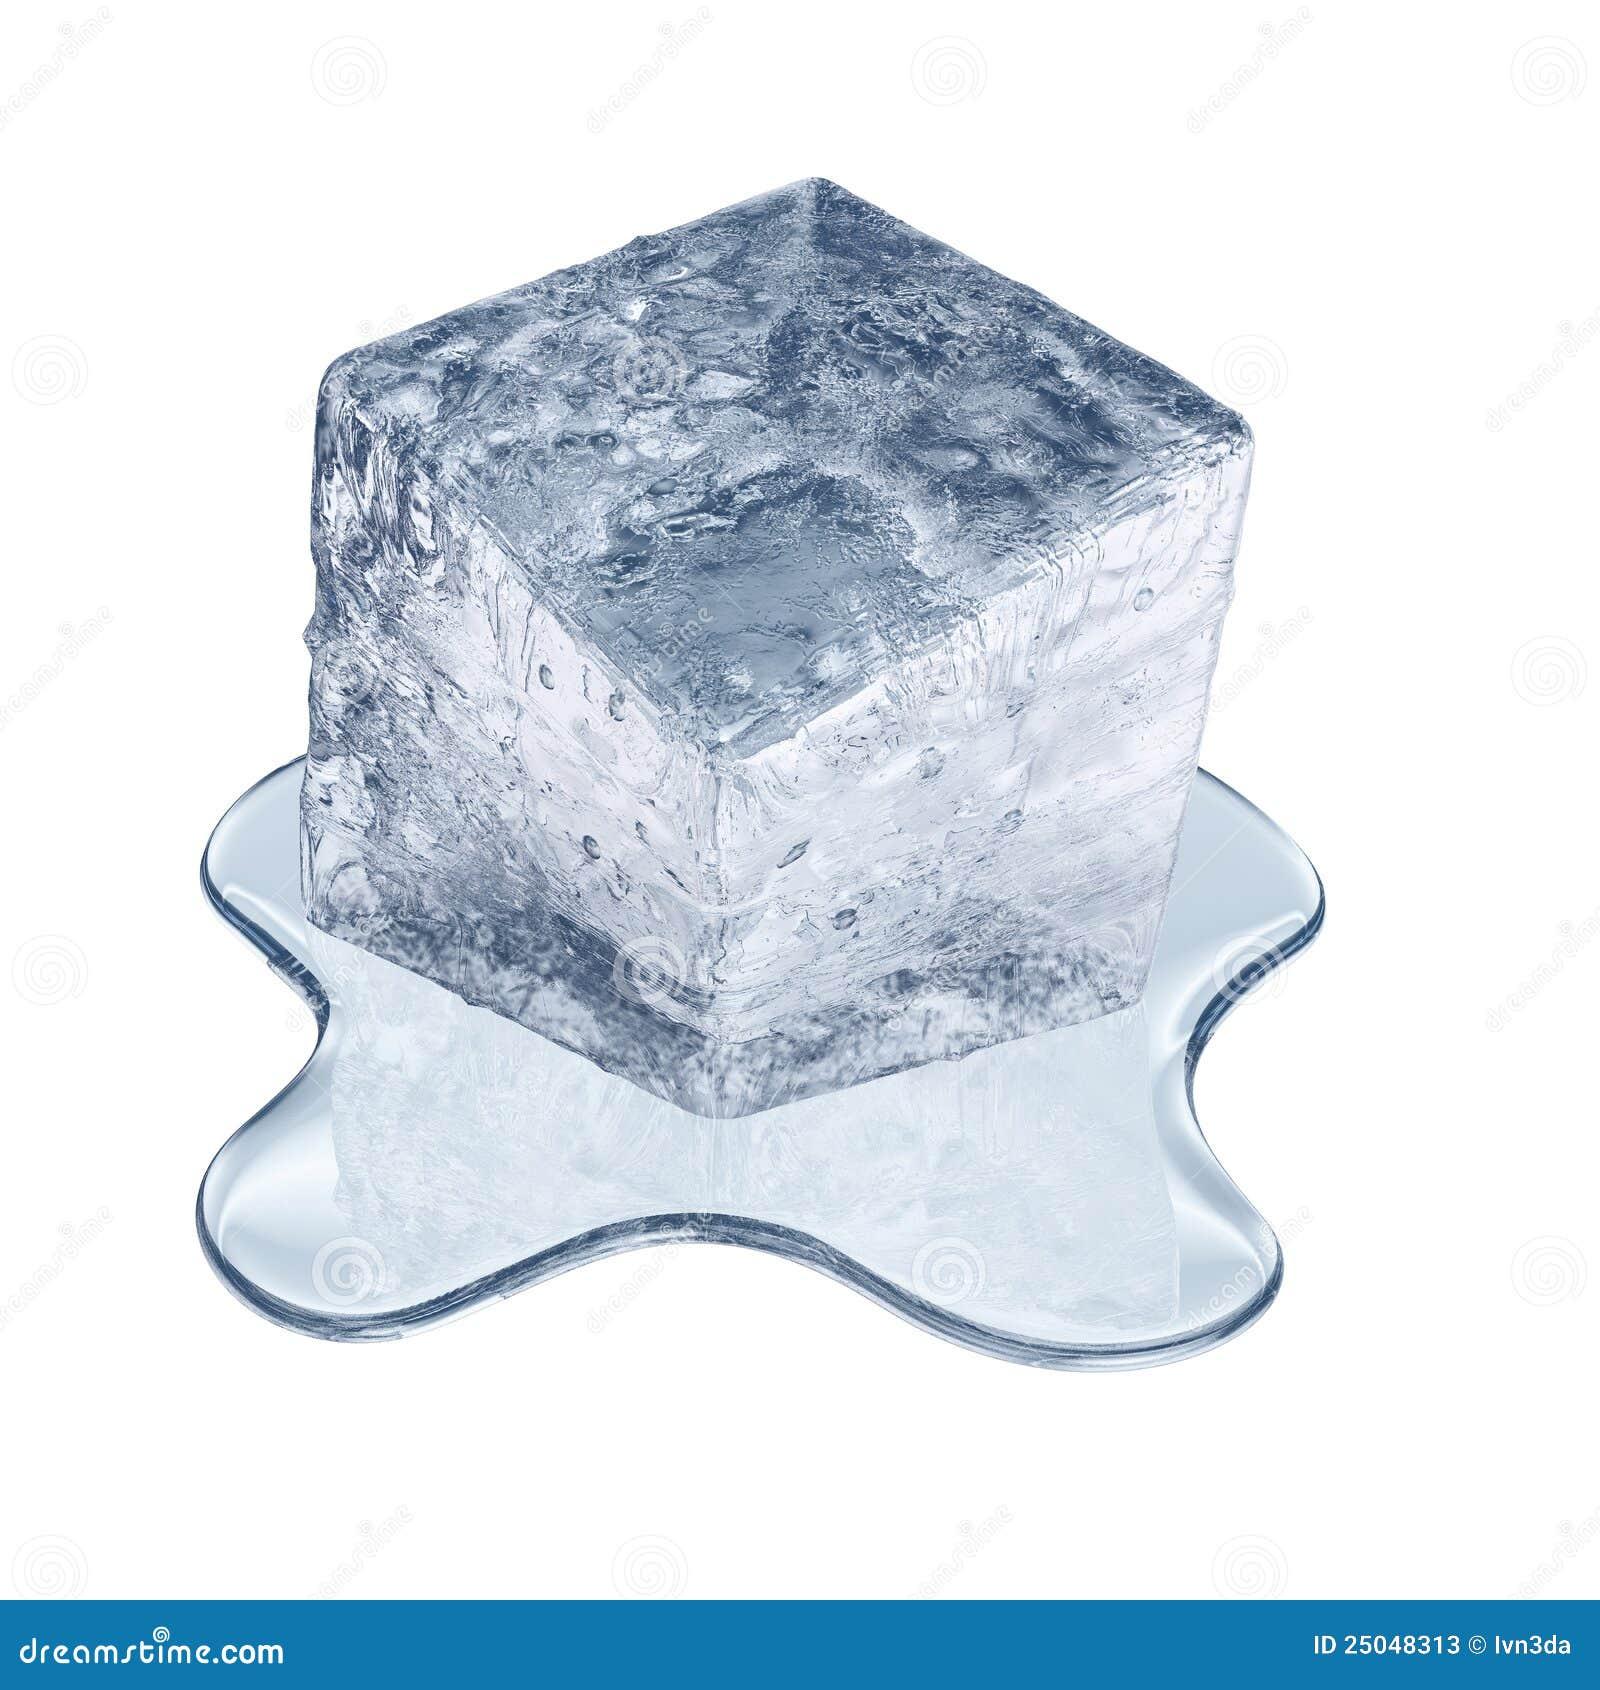 Schmelzender Eiswürfel